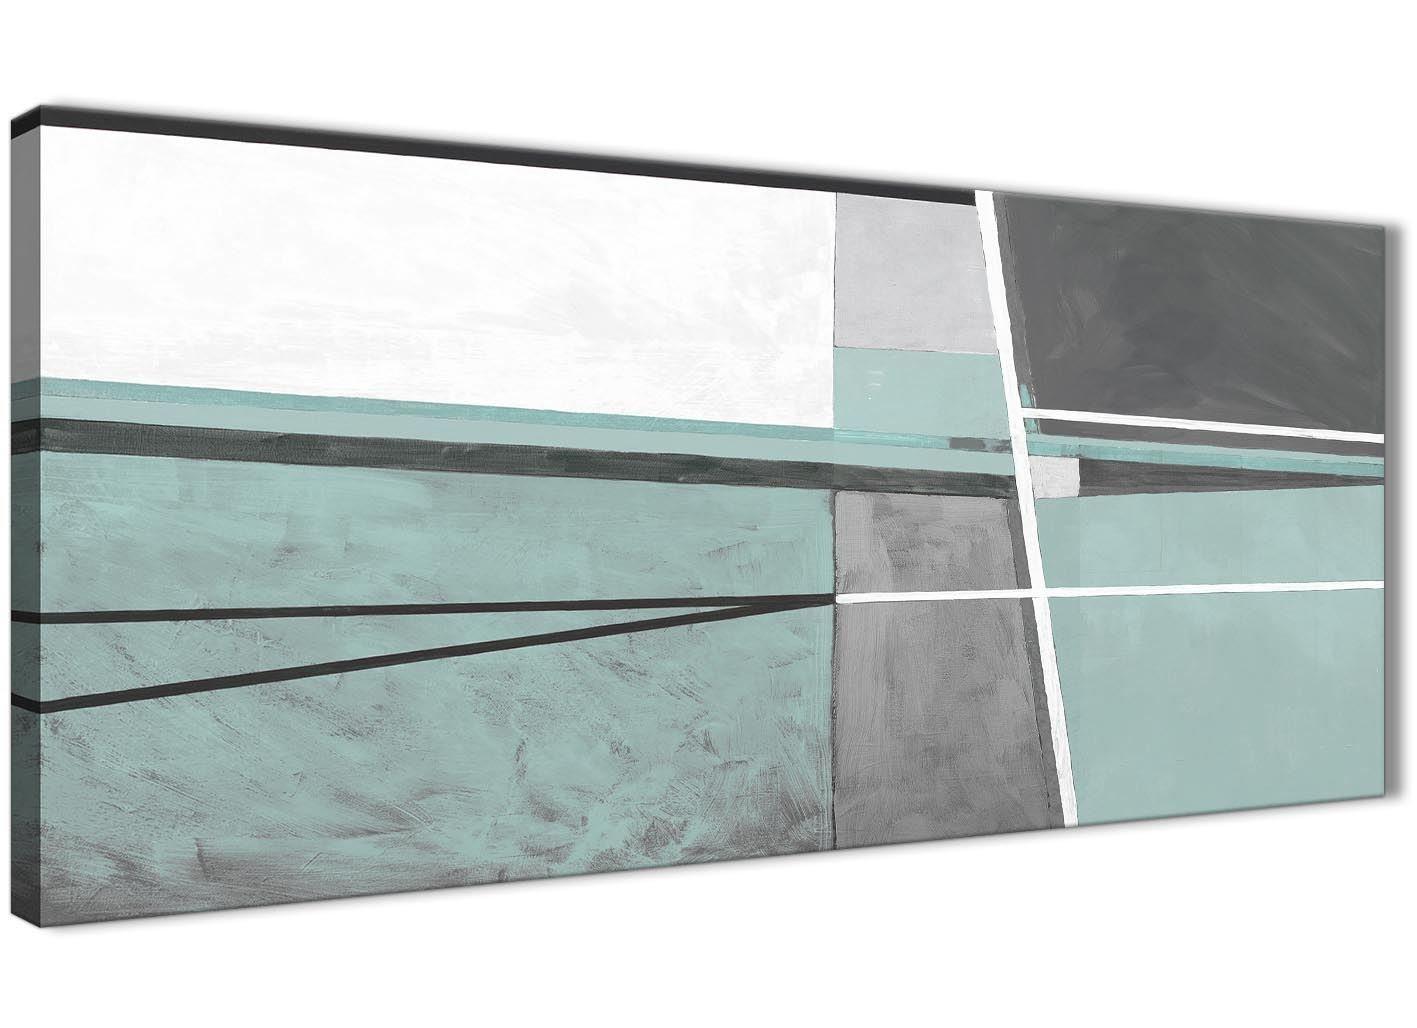 Duck Egg Blau Grau Ölgemälde Wohnzimmer Leinwand Bilder Zubehör–Abstract 1396–120cm Print Wallfillers